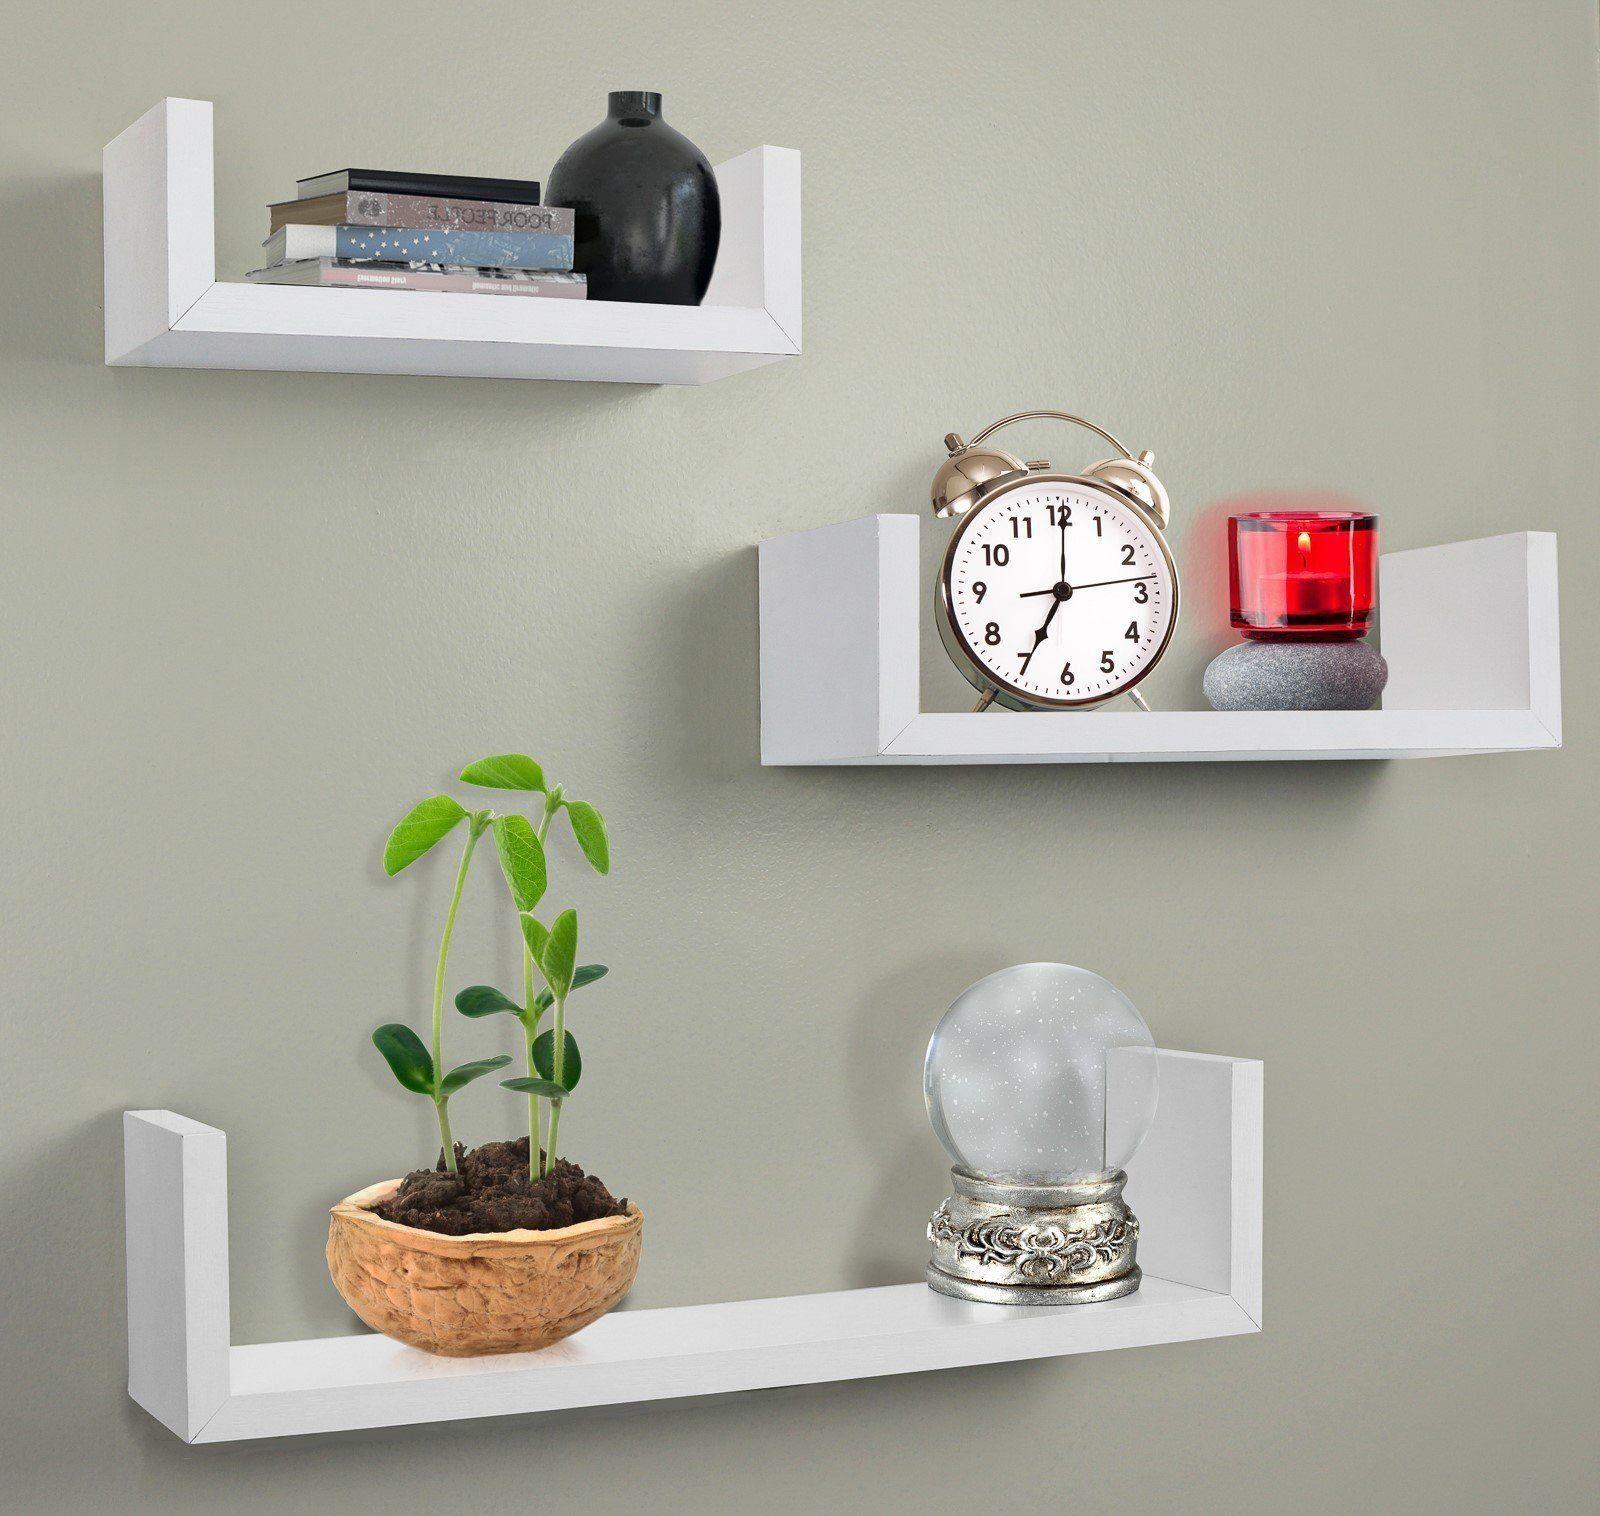 Kemanner U Shape Floating Display Wall Shelves Set Of 3